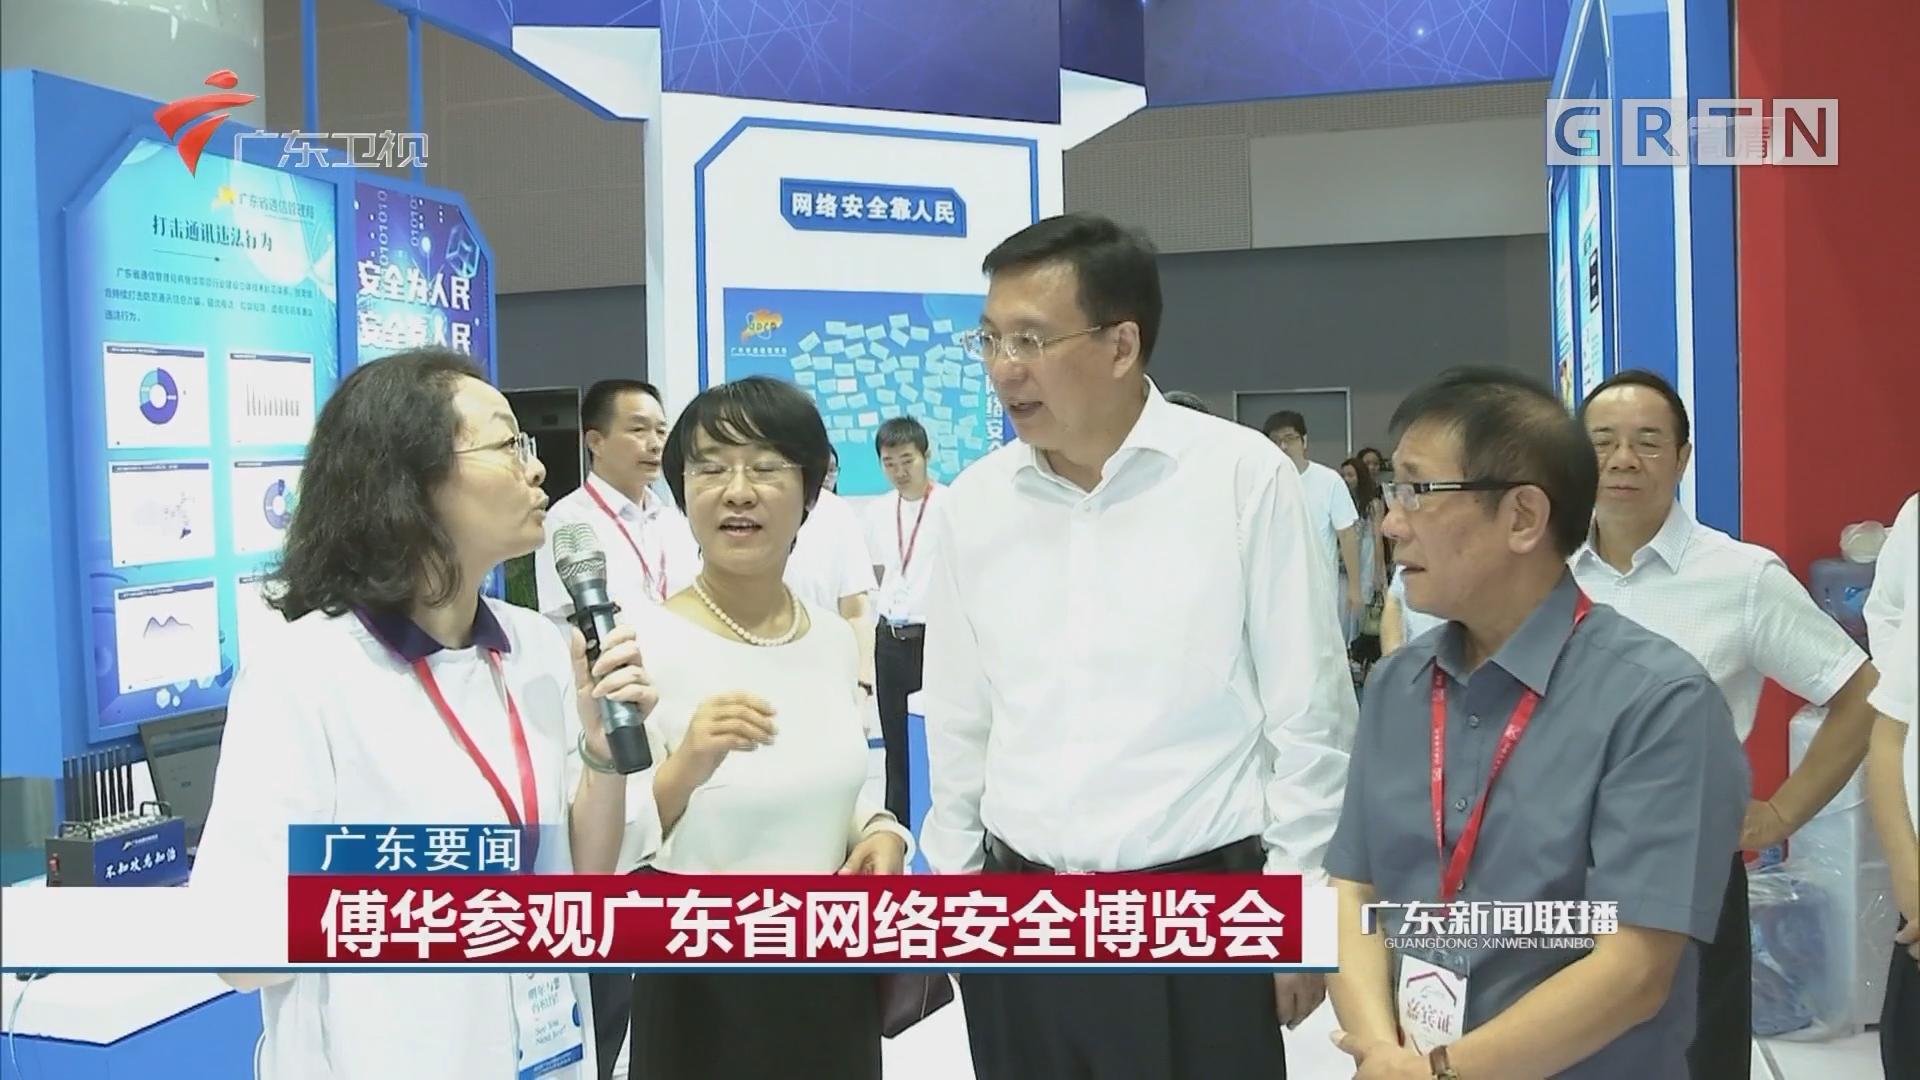 傅华参观广东省网络安全博览会